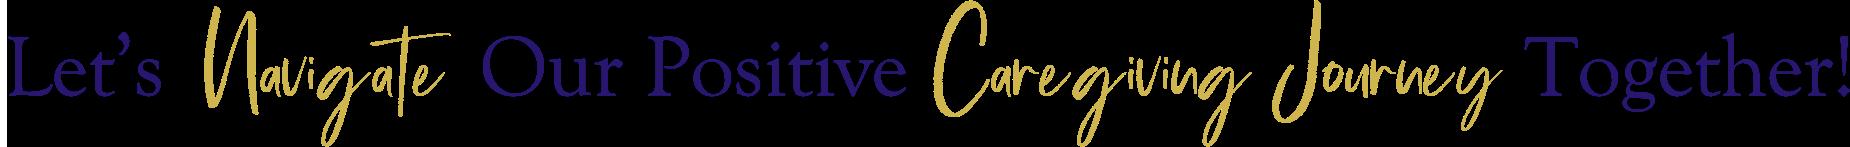 Let's Navigate Our Positive Caregiving Journey Together!